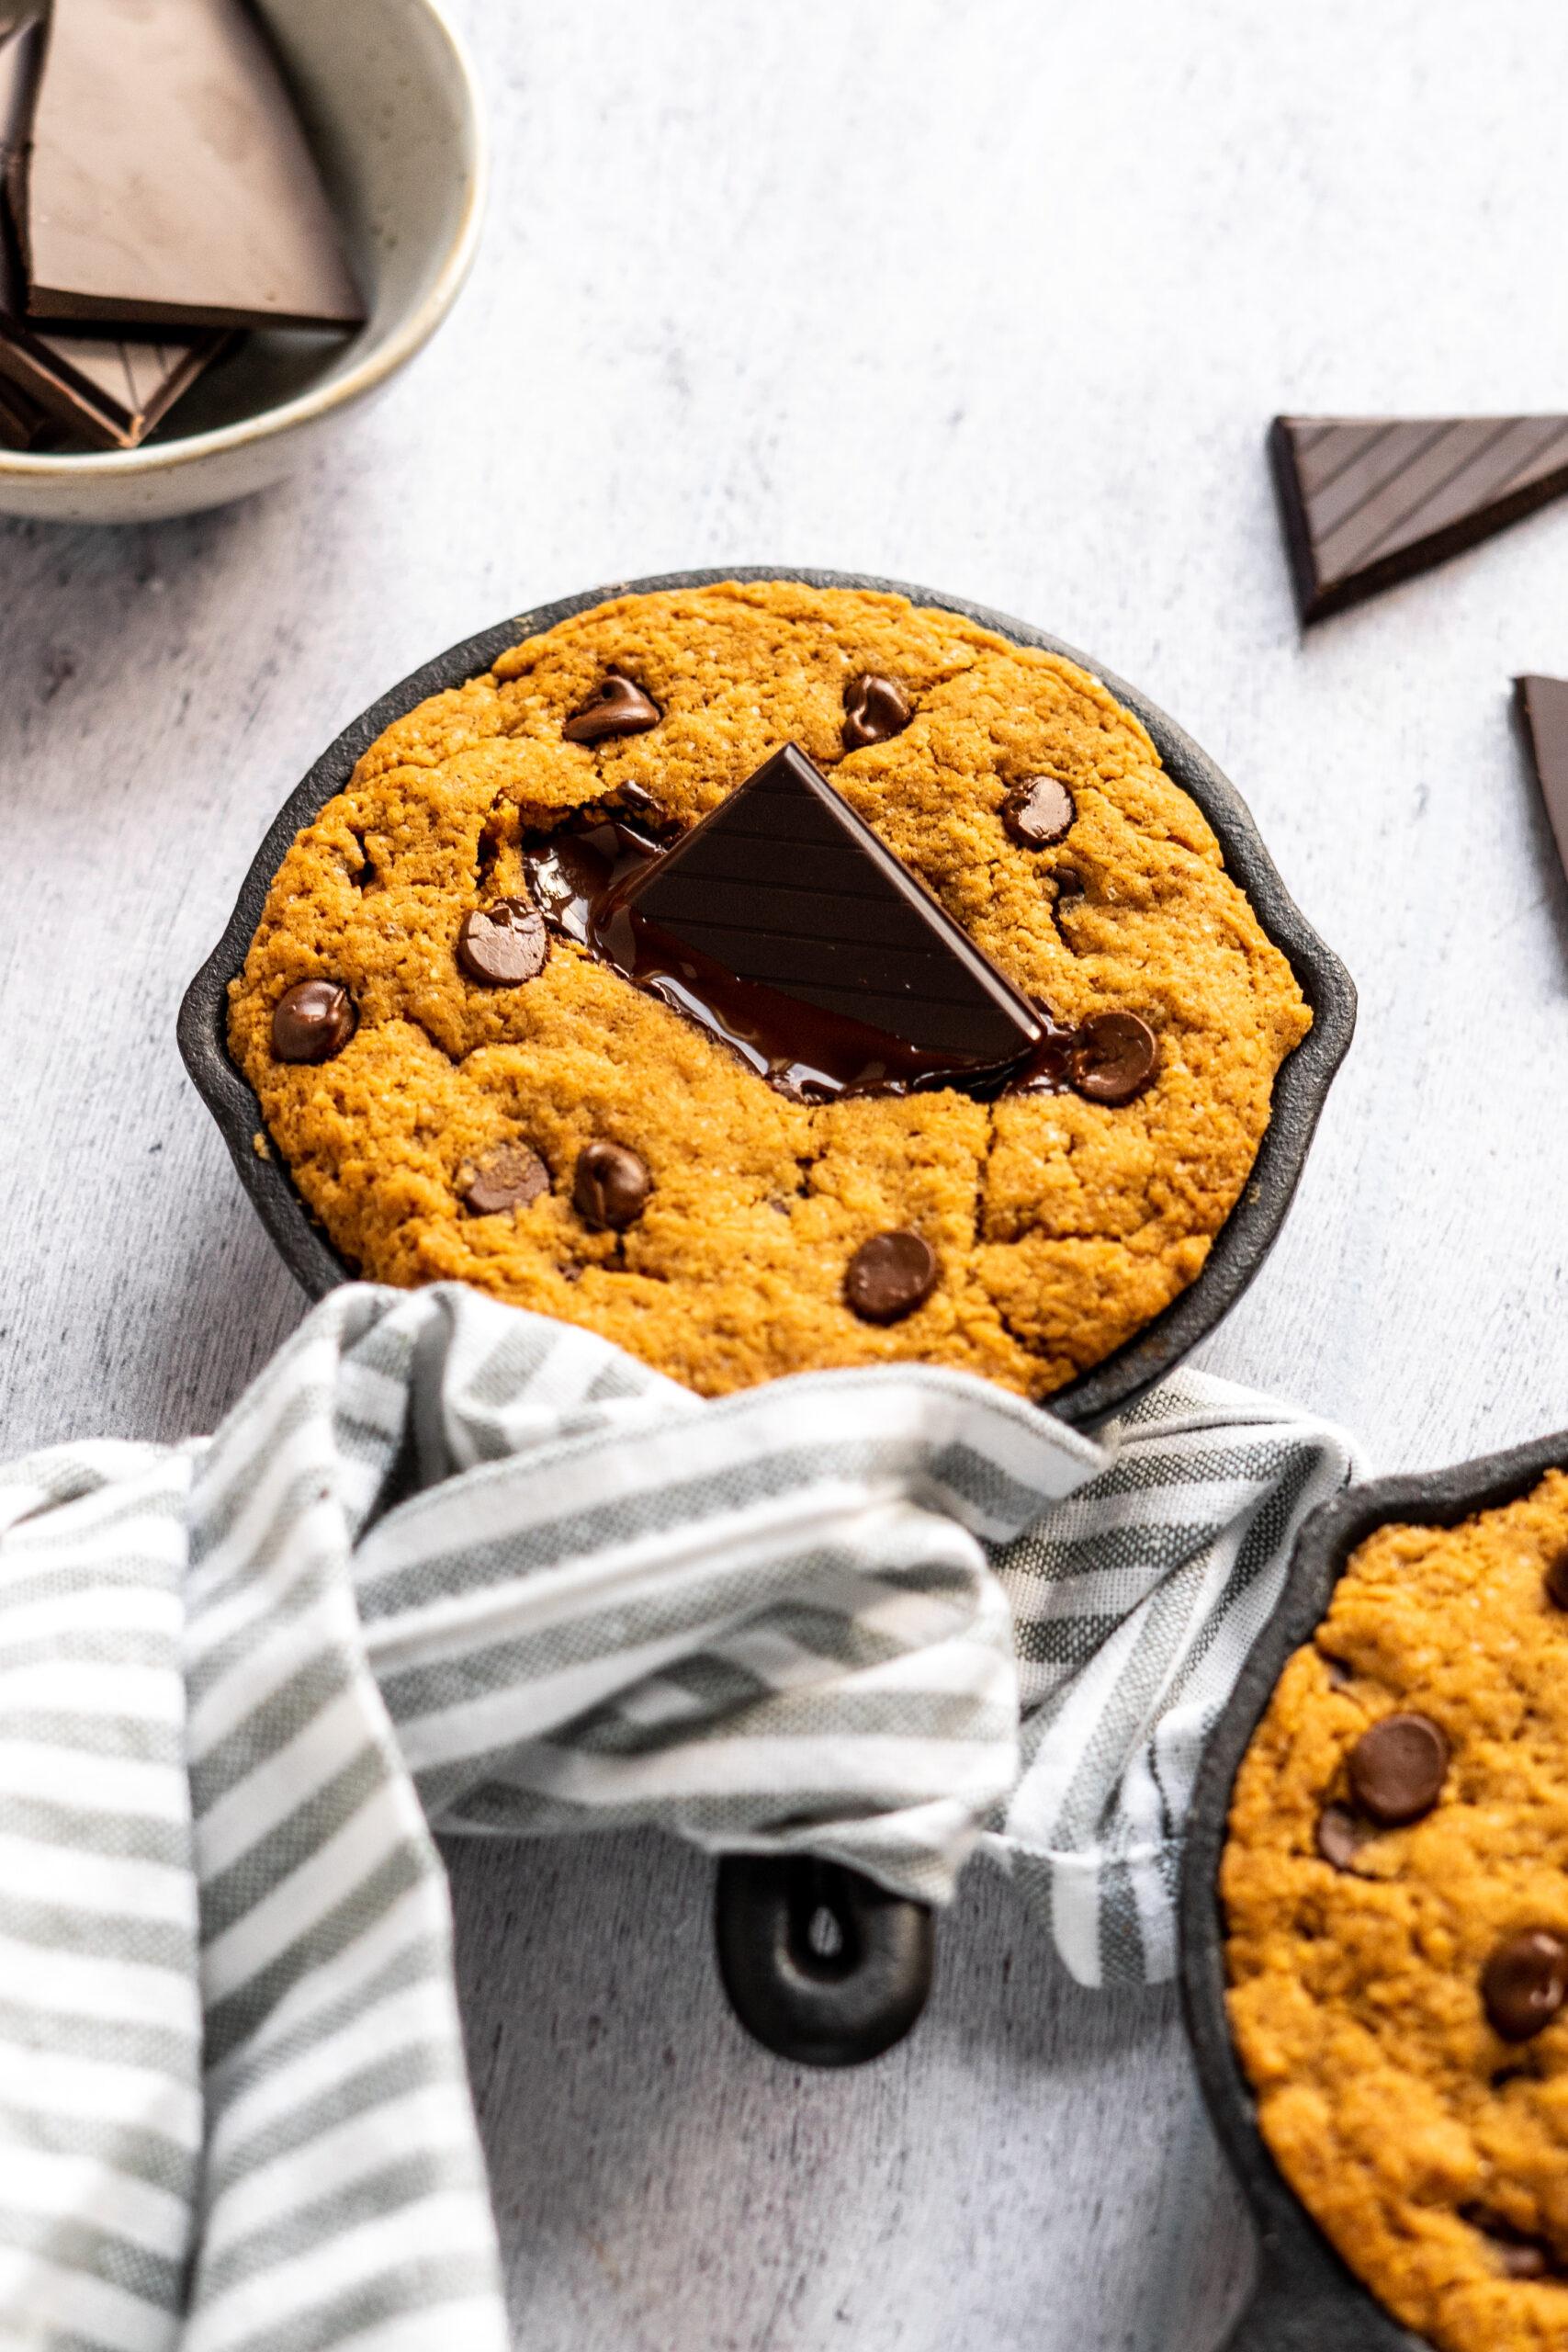 gezonde vegan koekjes maken